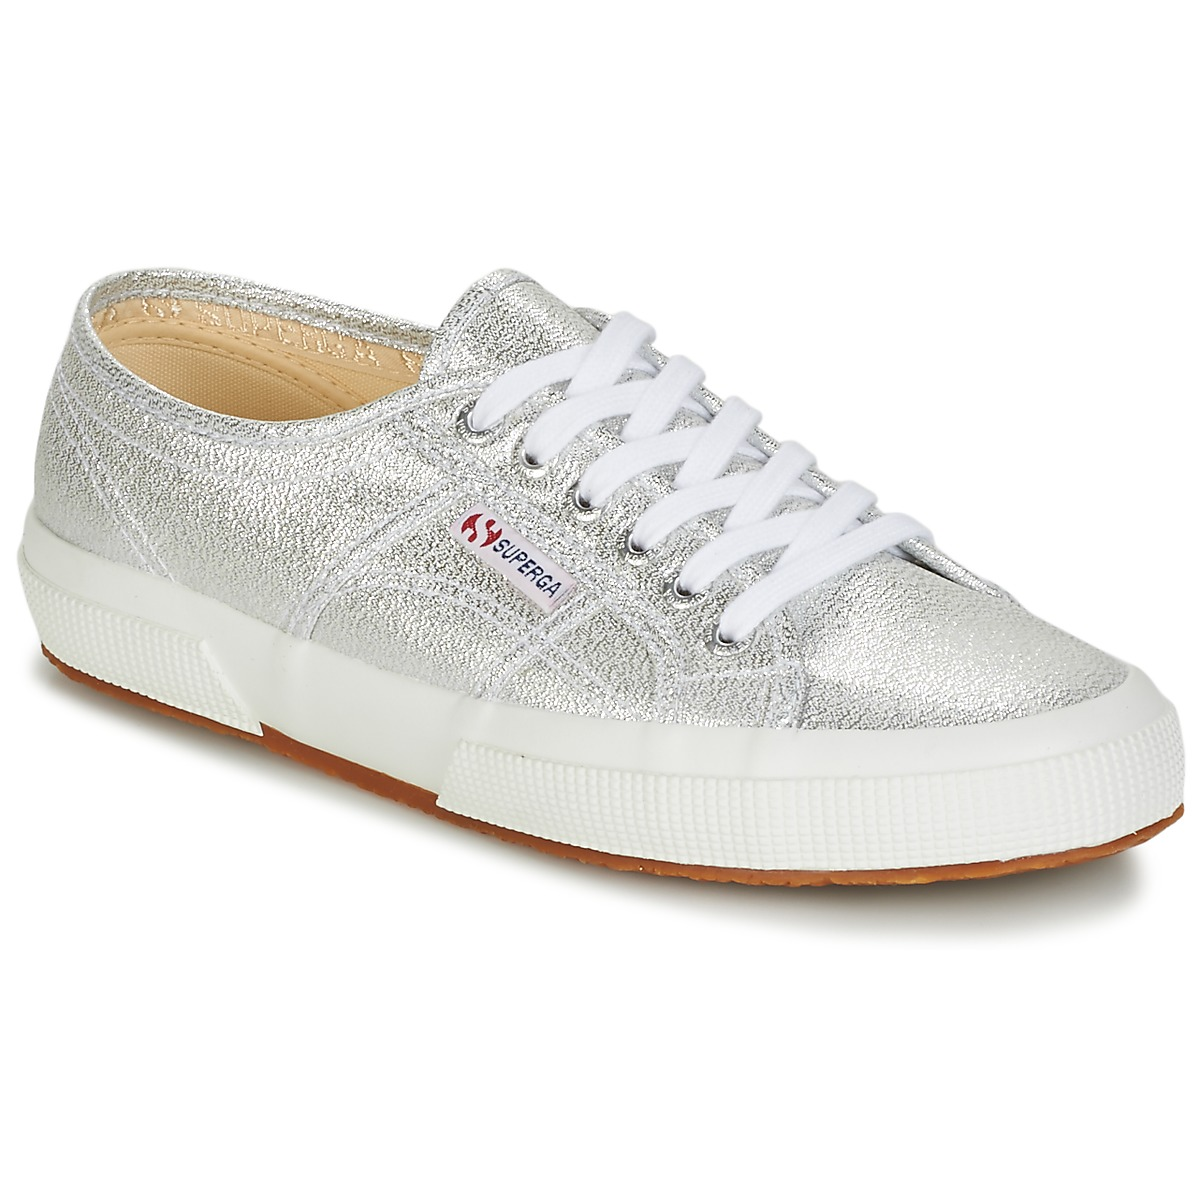 f6b57e67dc1 Superga 2750-LAMEW Silver - Chaussures Baskets basses Femme GH8HUA1Z -  destrainspourtous.fr